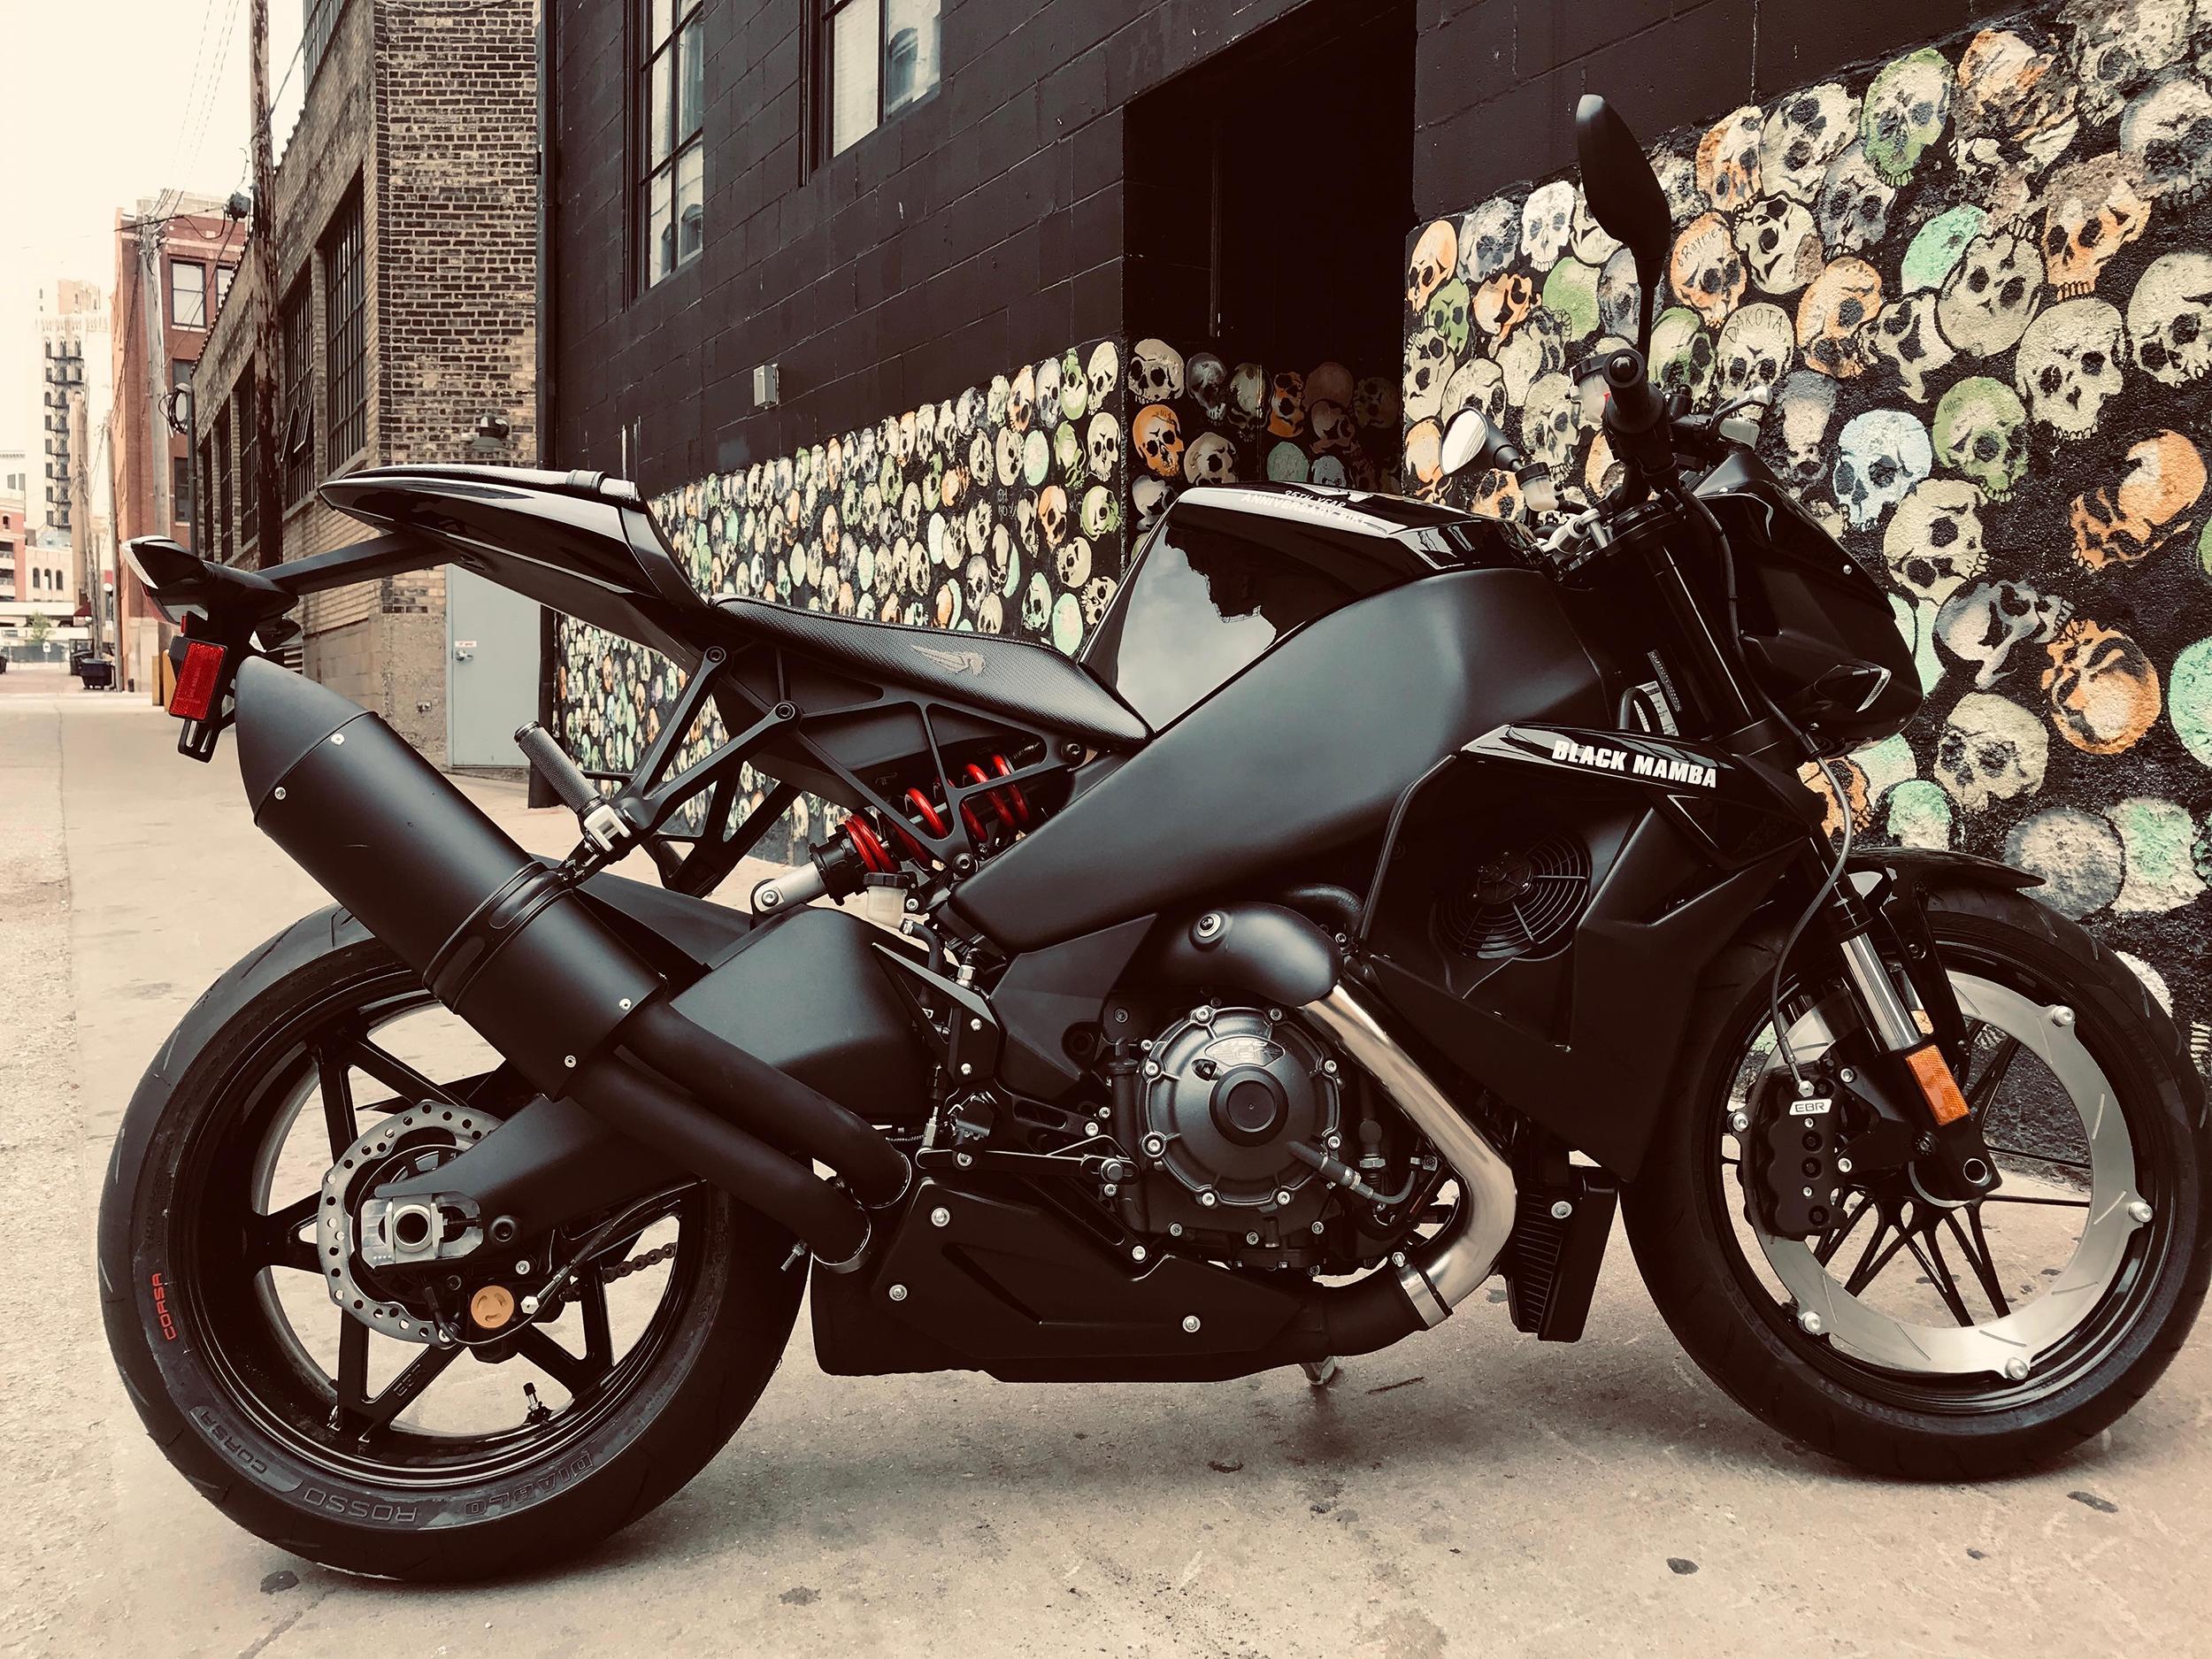 Buell Motorcycle 1190SX Black Mamba